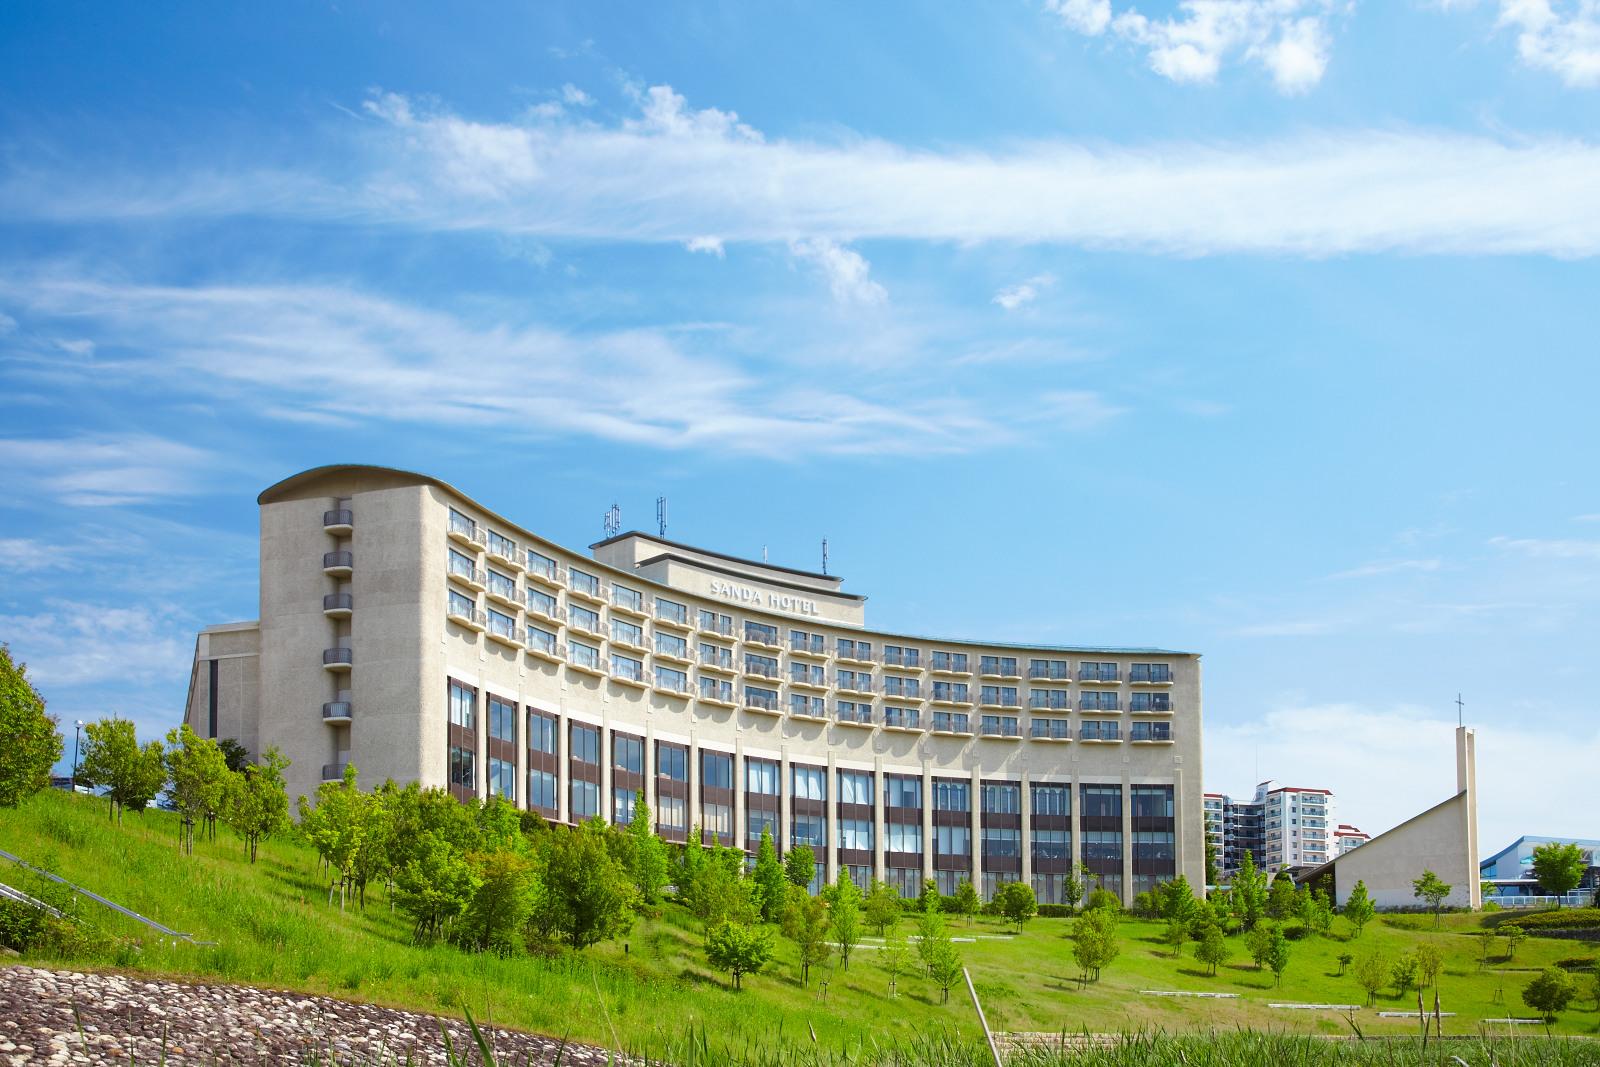 ザ・セレクトンプレミア 神戸三田ホテル